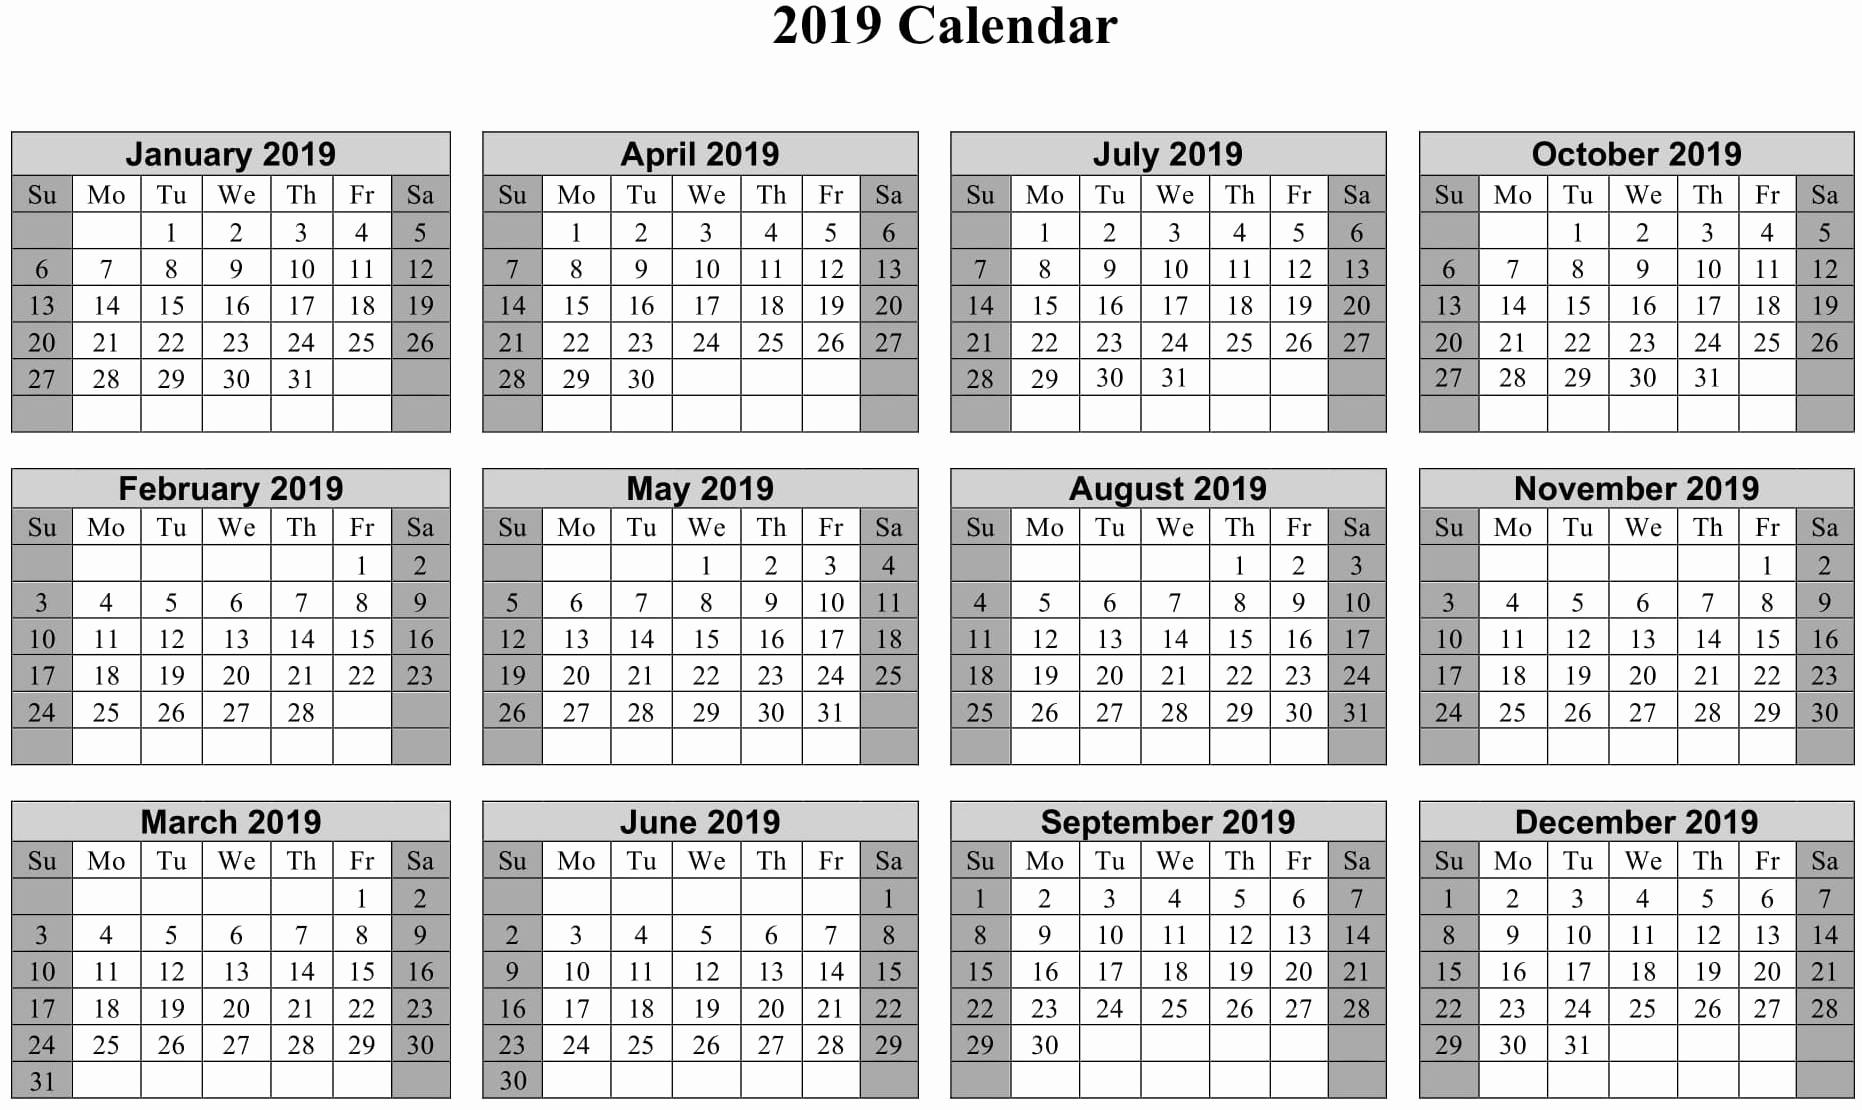 Nypd Rdo Calendar 2019 2020 Calendar Multiple Years Calendar